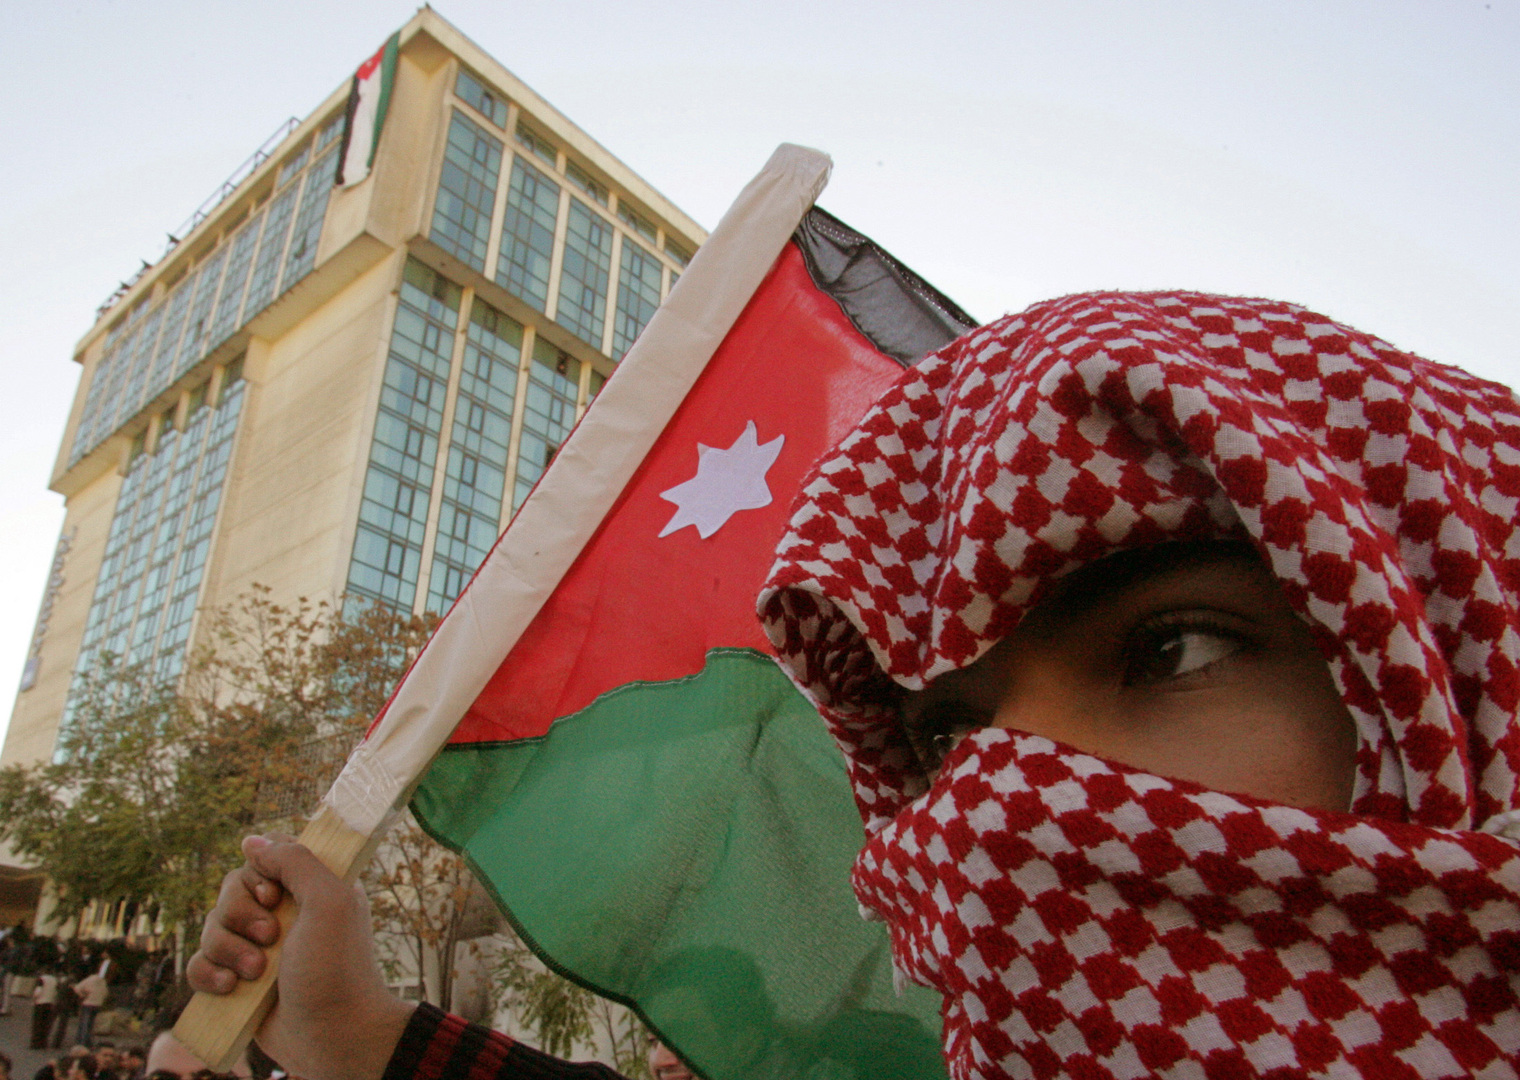 شاب أردني يحمل علم بلاده، تعبيرية